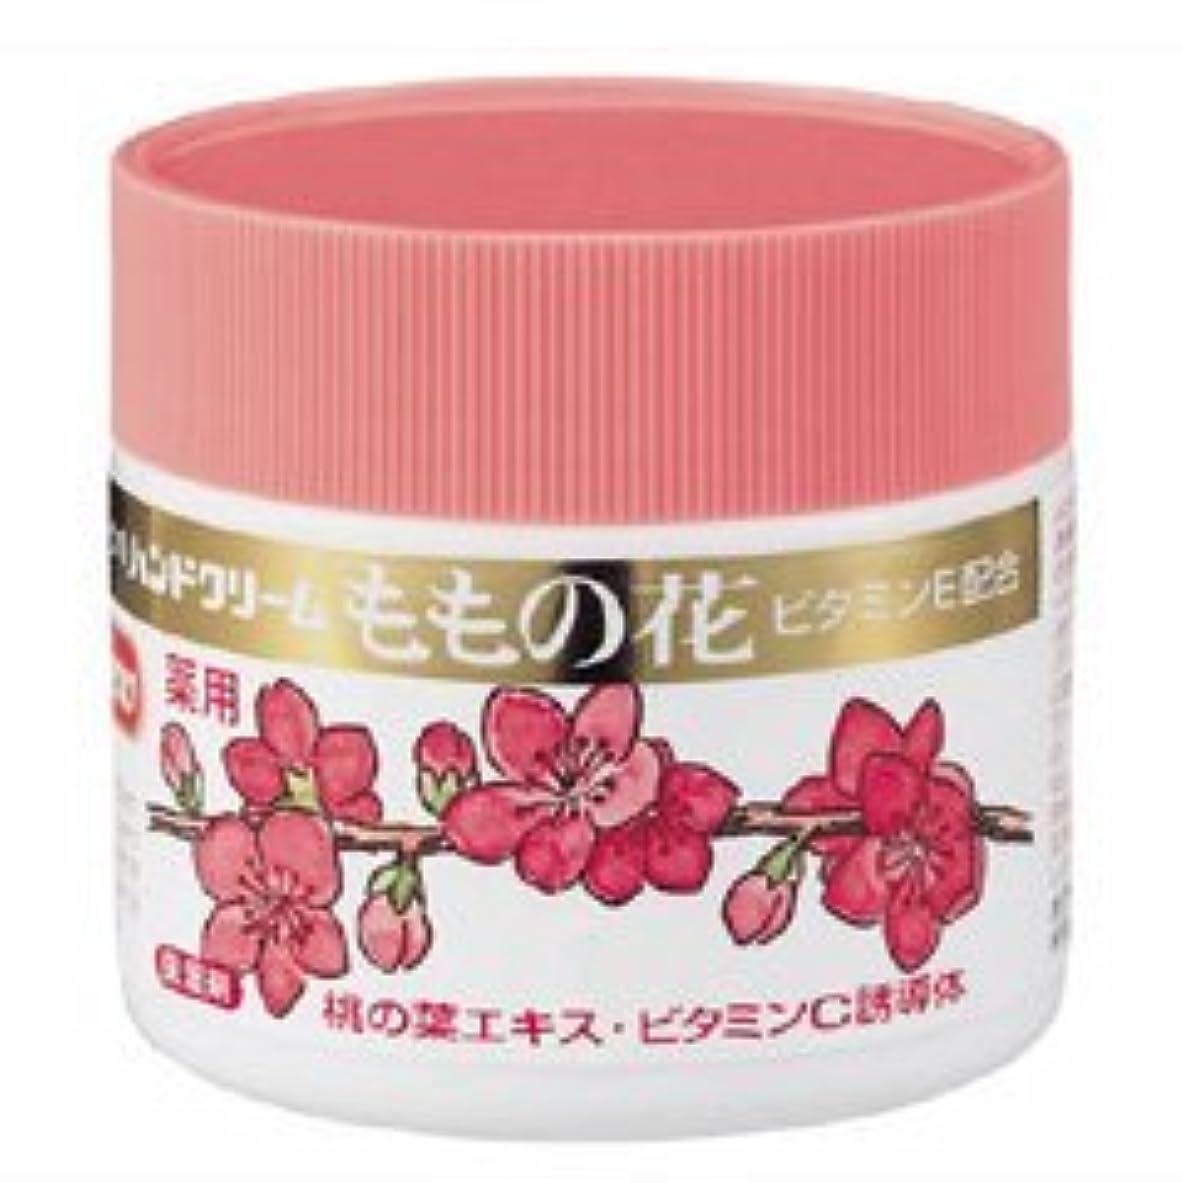 モールアパート食料品店【オリヂナル】ハンドクリーム ももの花 70g